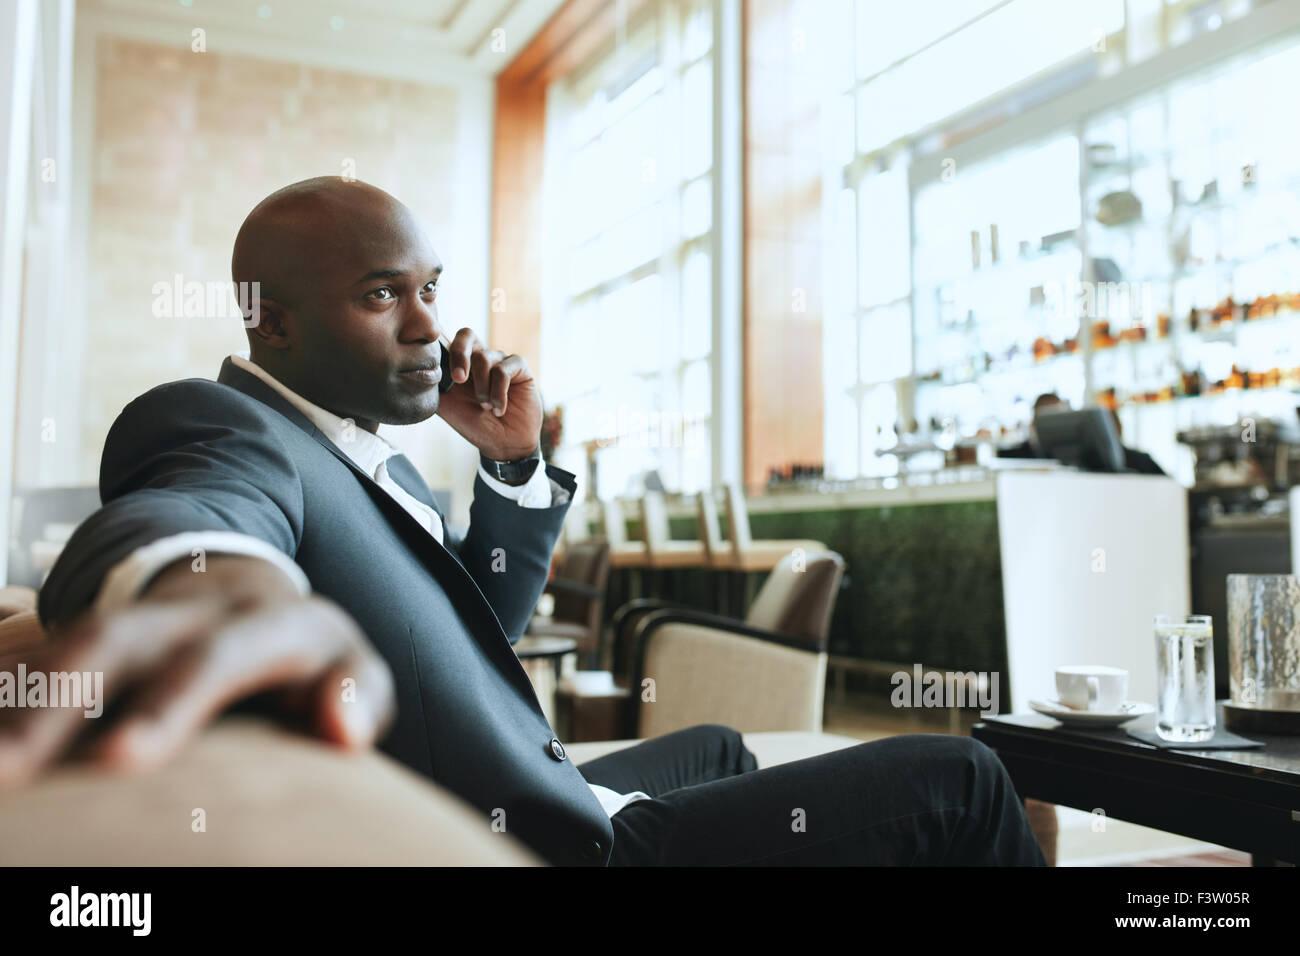 African business man parlando al telefono cellulare mentre si è in attesa nella hall di un hotel. Giovane dirigente Immagini Stock